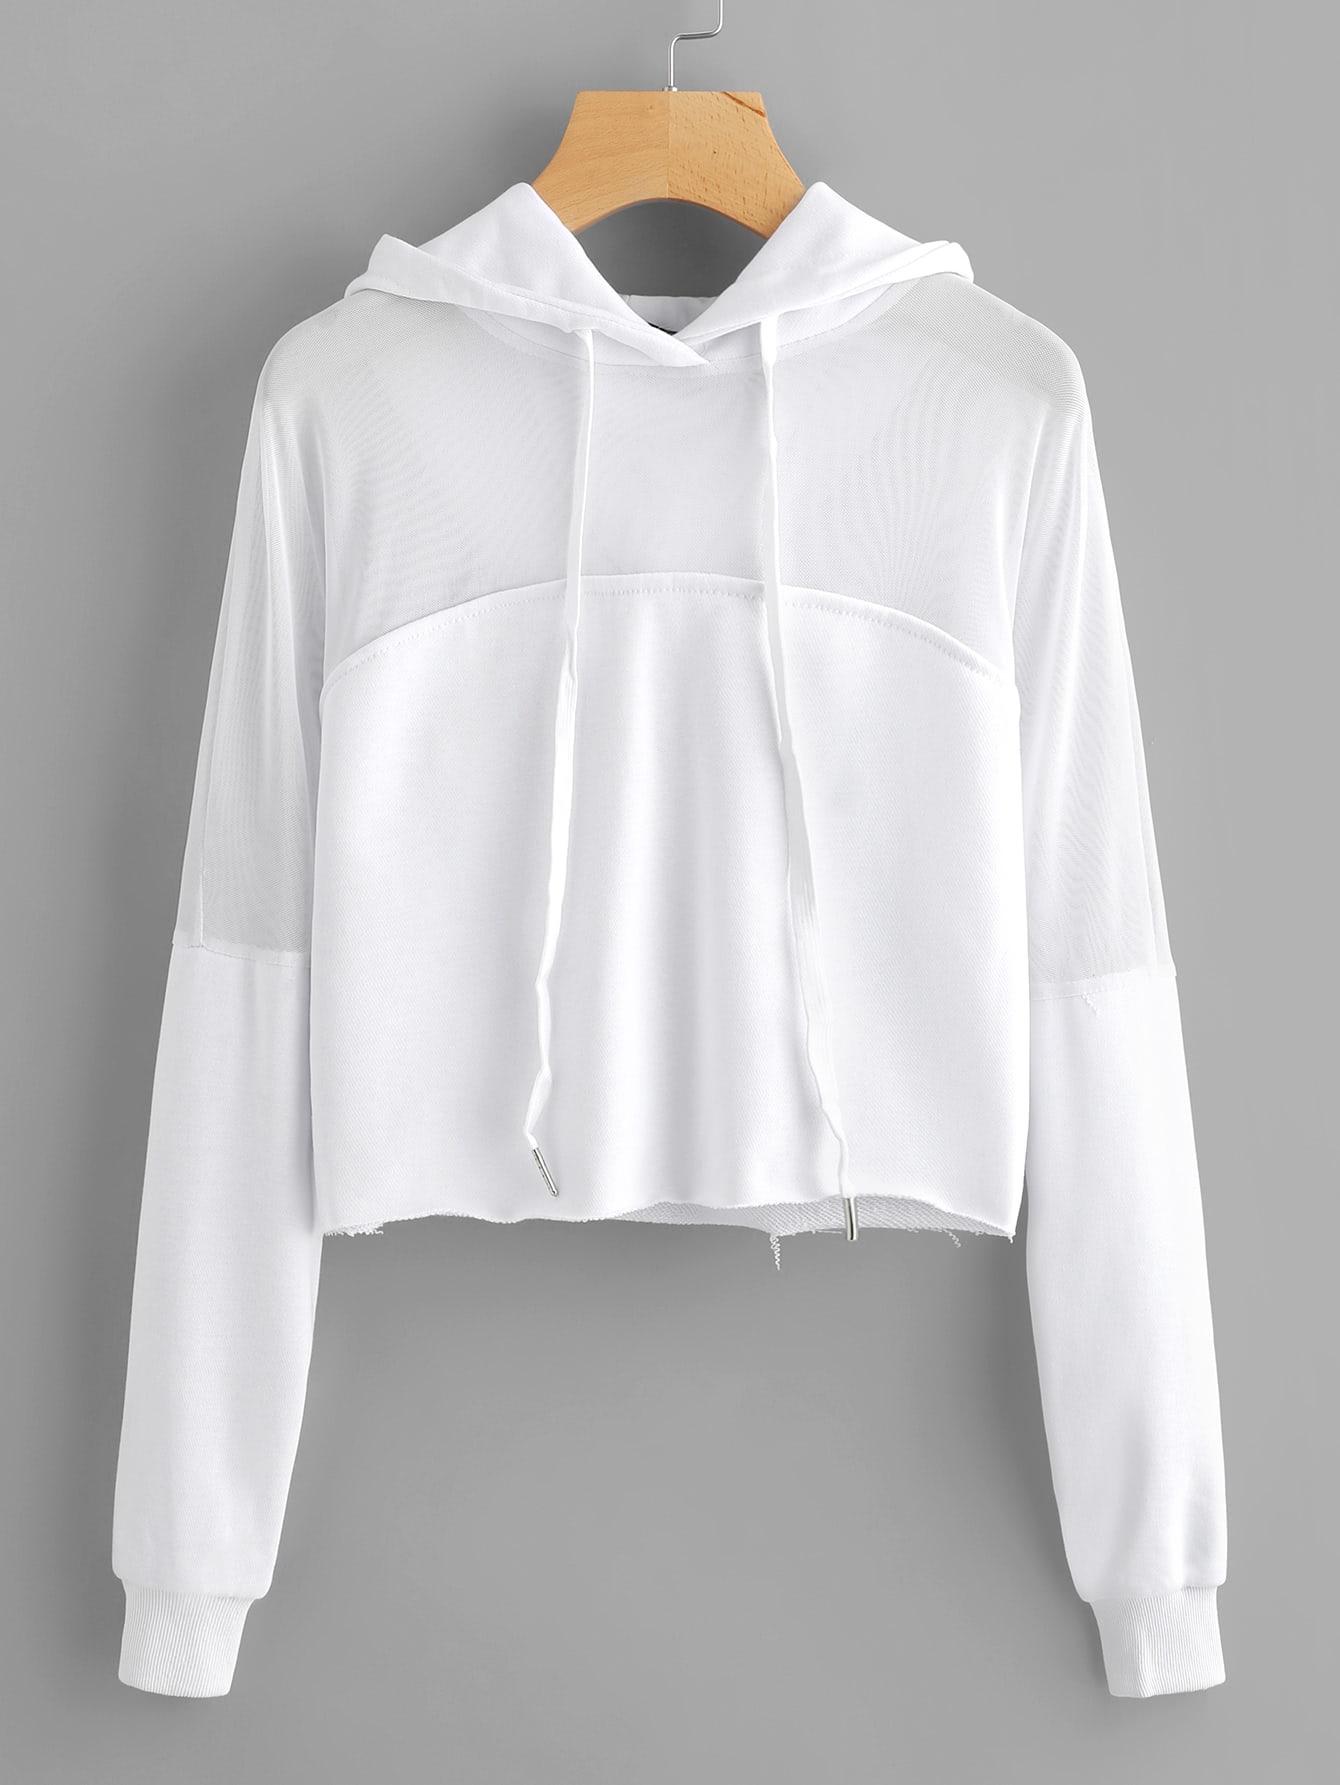 Купить Повседневный Ровный цвет Пуловеры Белый Свитшоты, null, SheIn